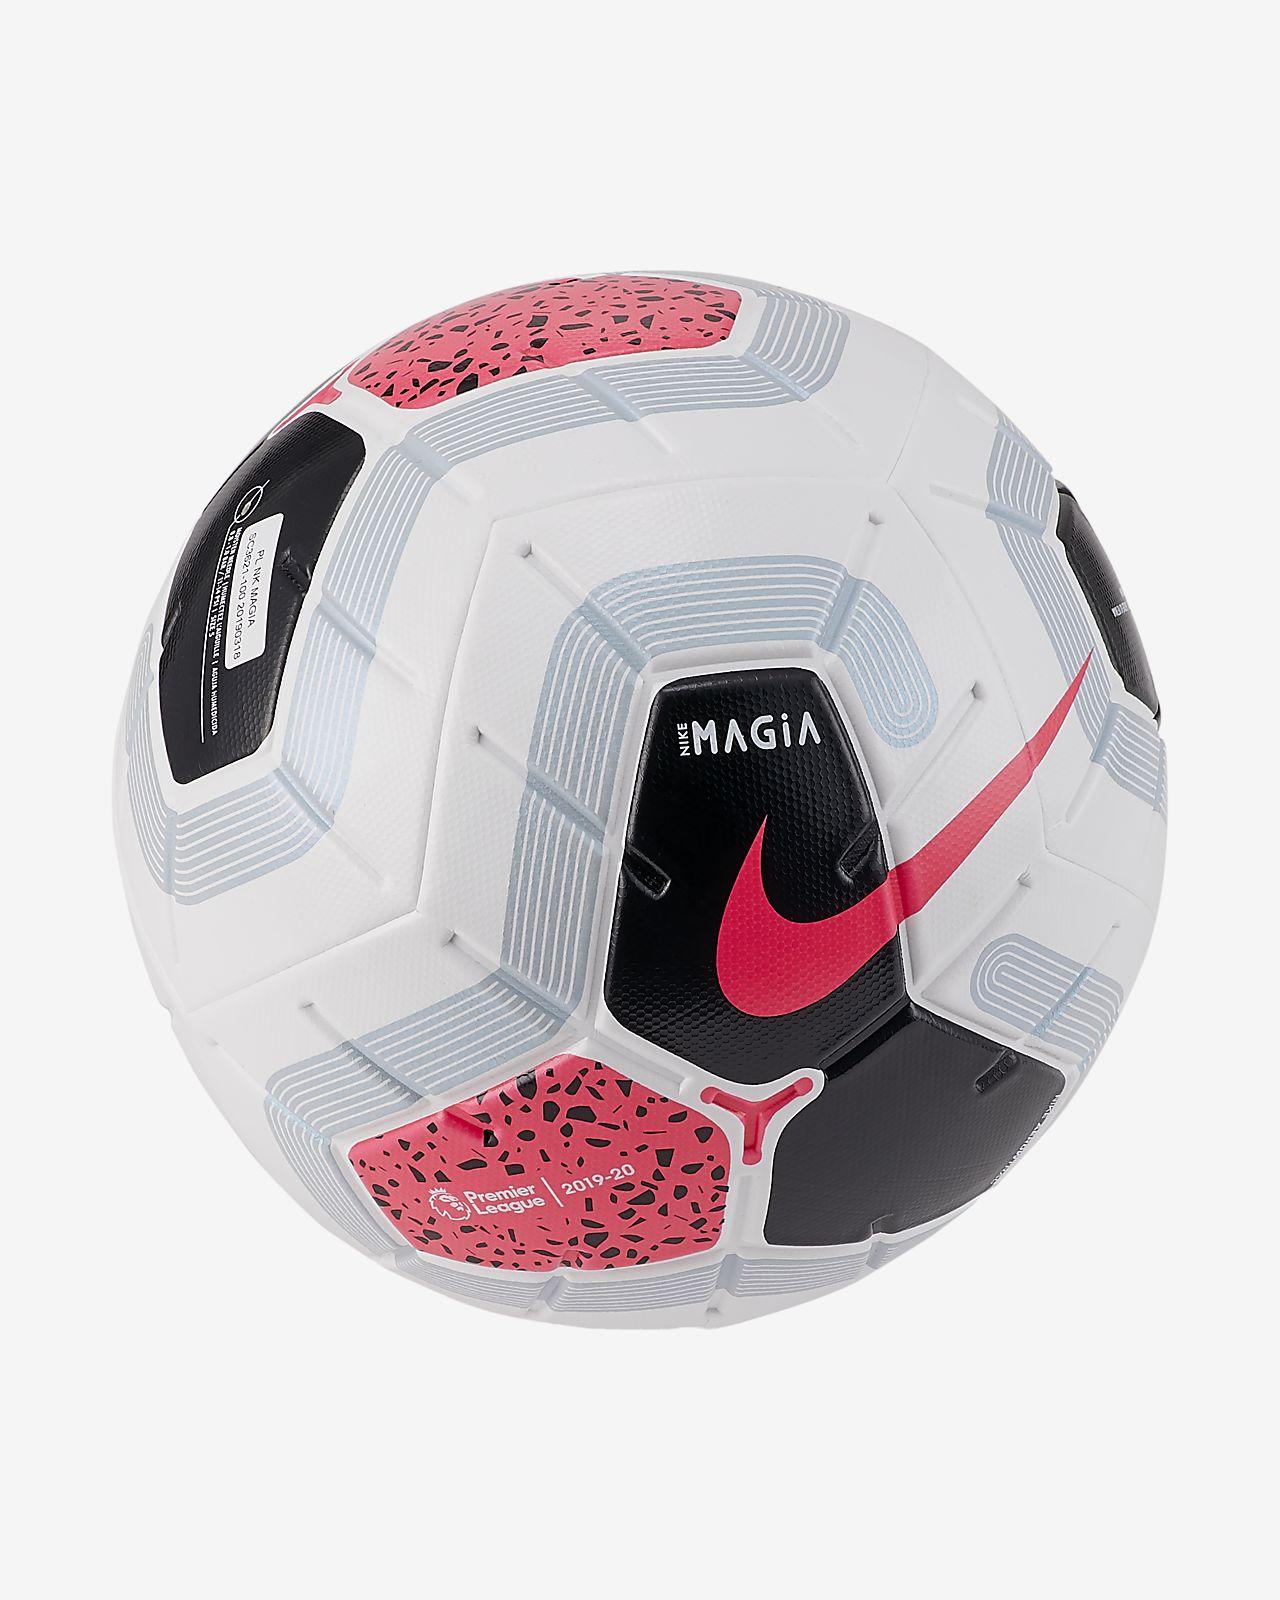 Piłka do piłki nożnej Premier League Magia